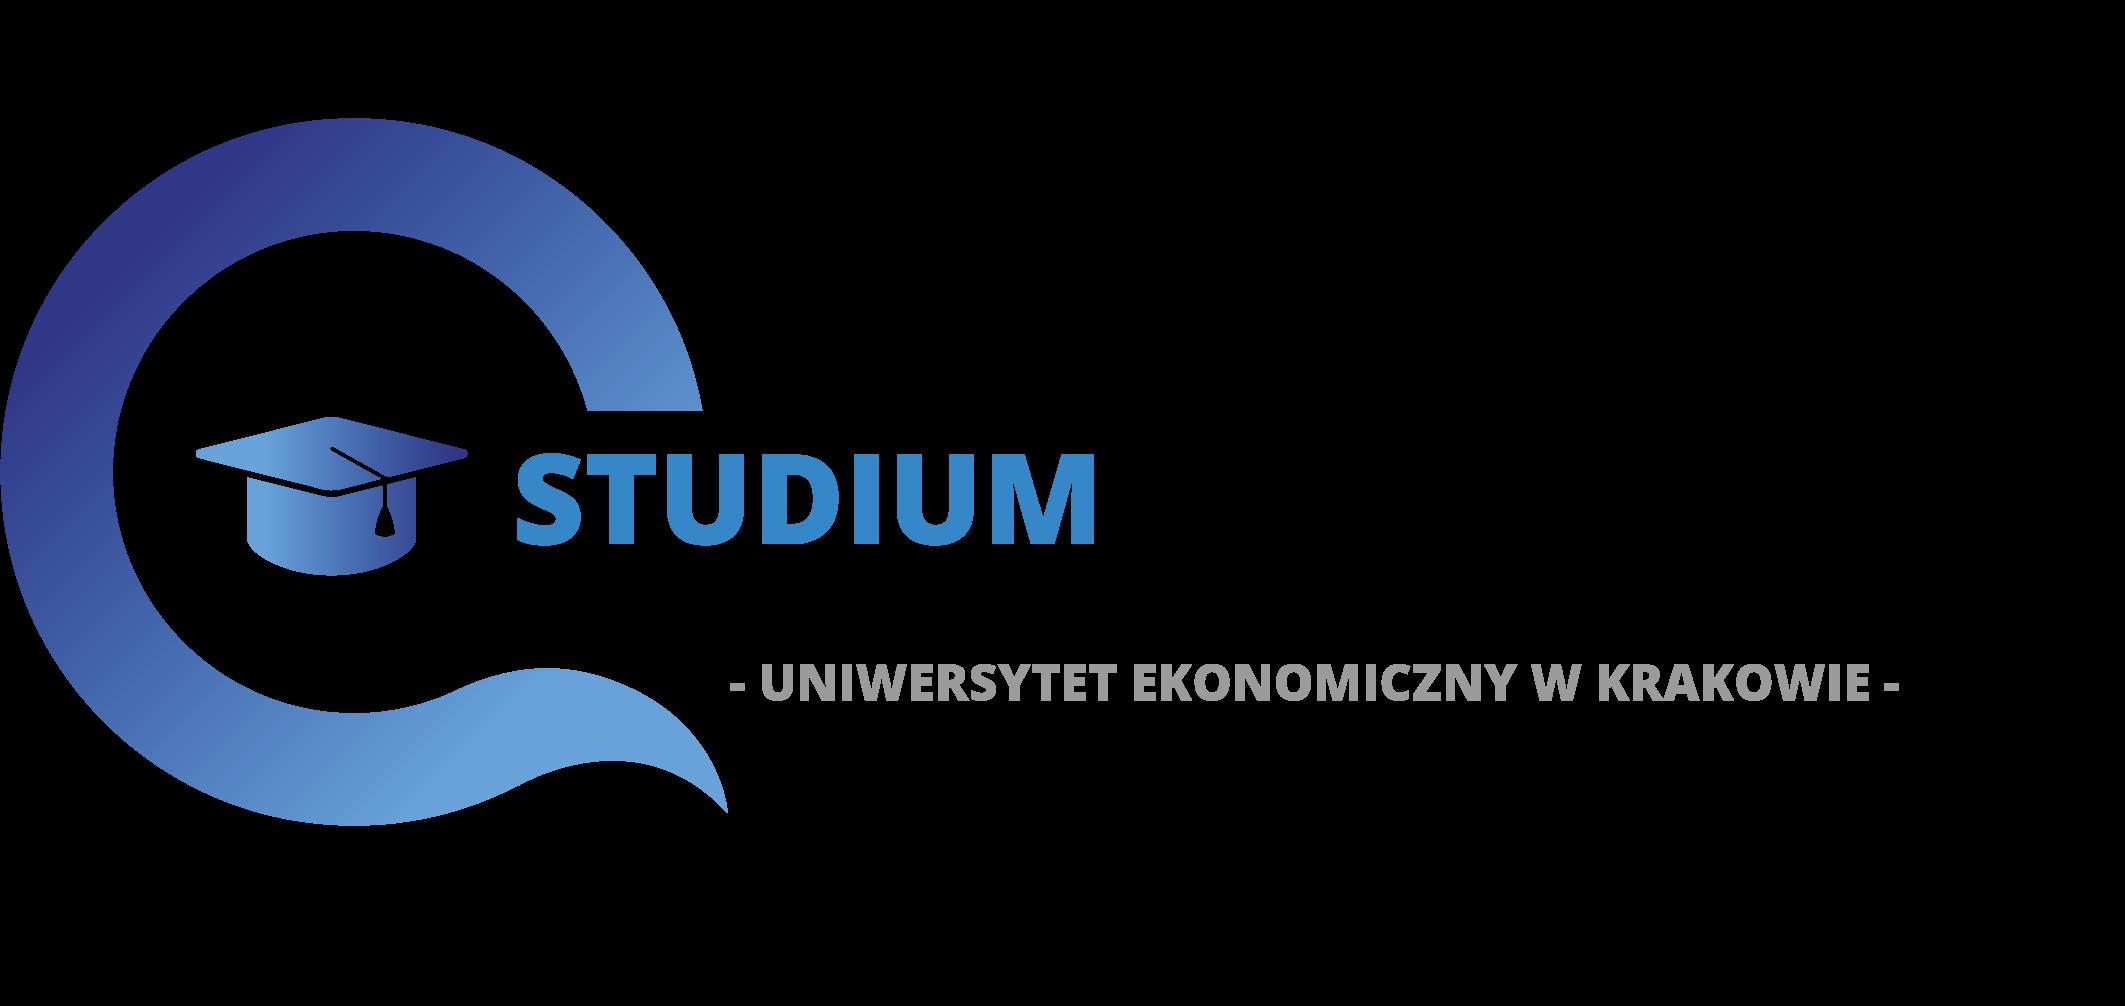 Studium Pedagogiczne przy Uniwersytecie Ekonomicznym w Krakowie